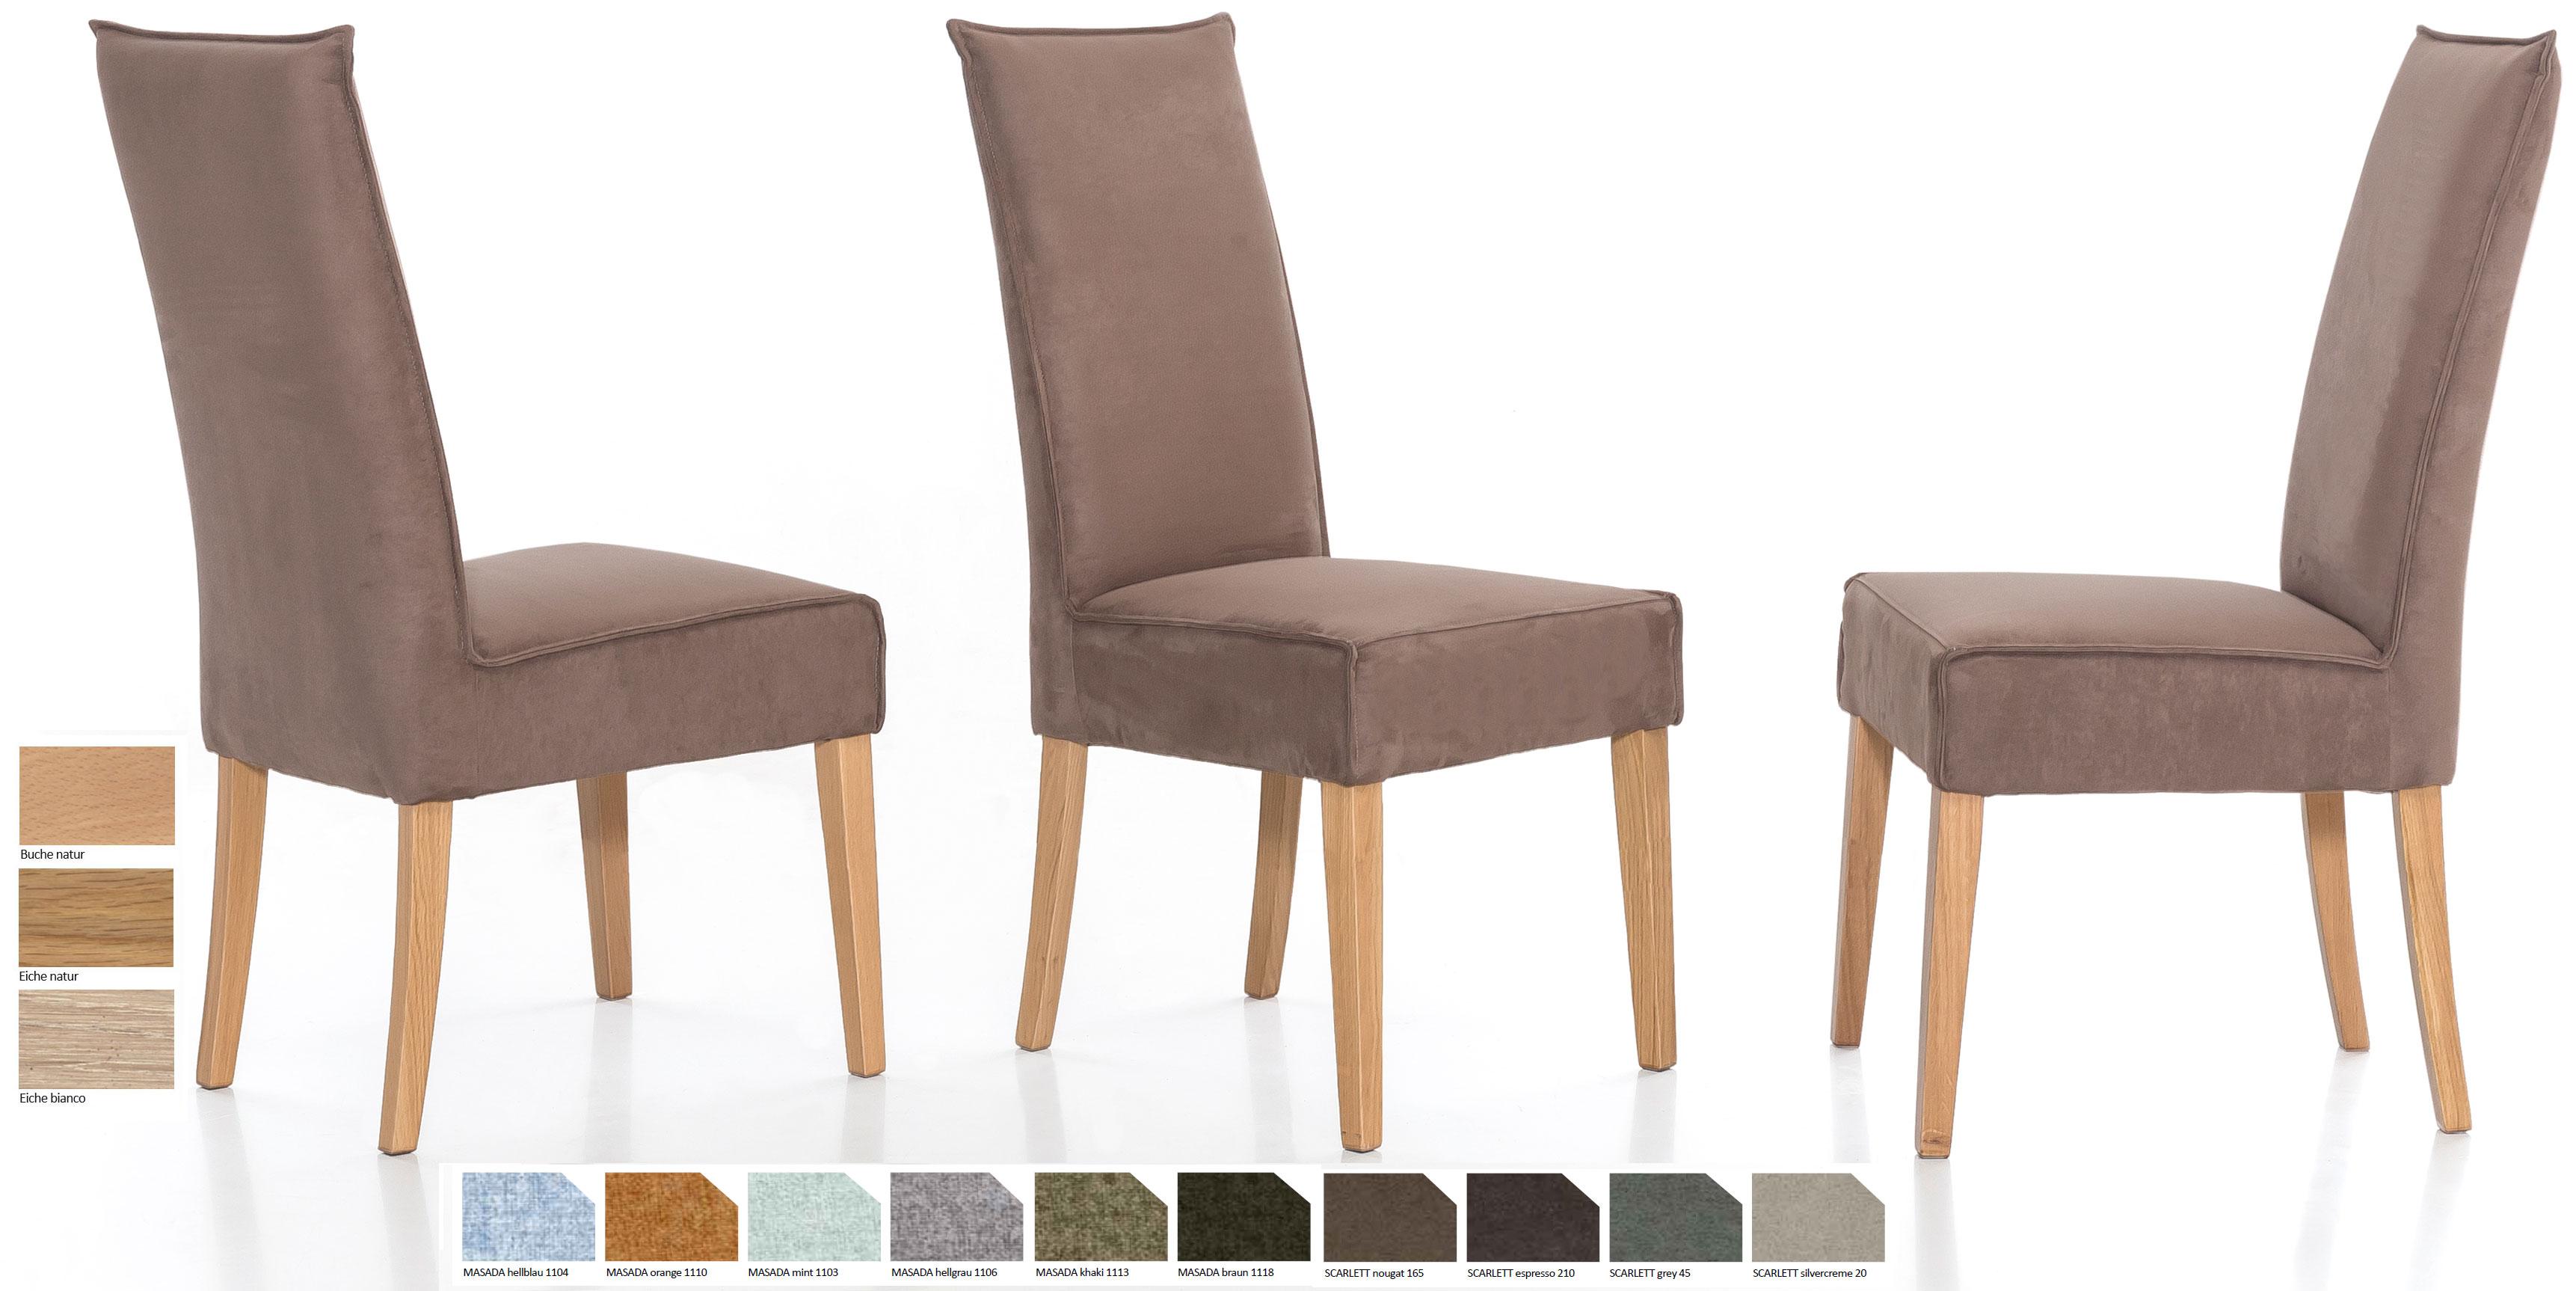 Standard Furniture Kira Polsterstuhl hellbraun